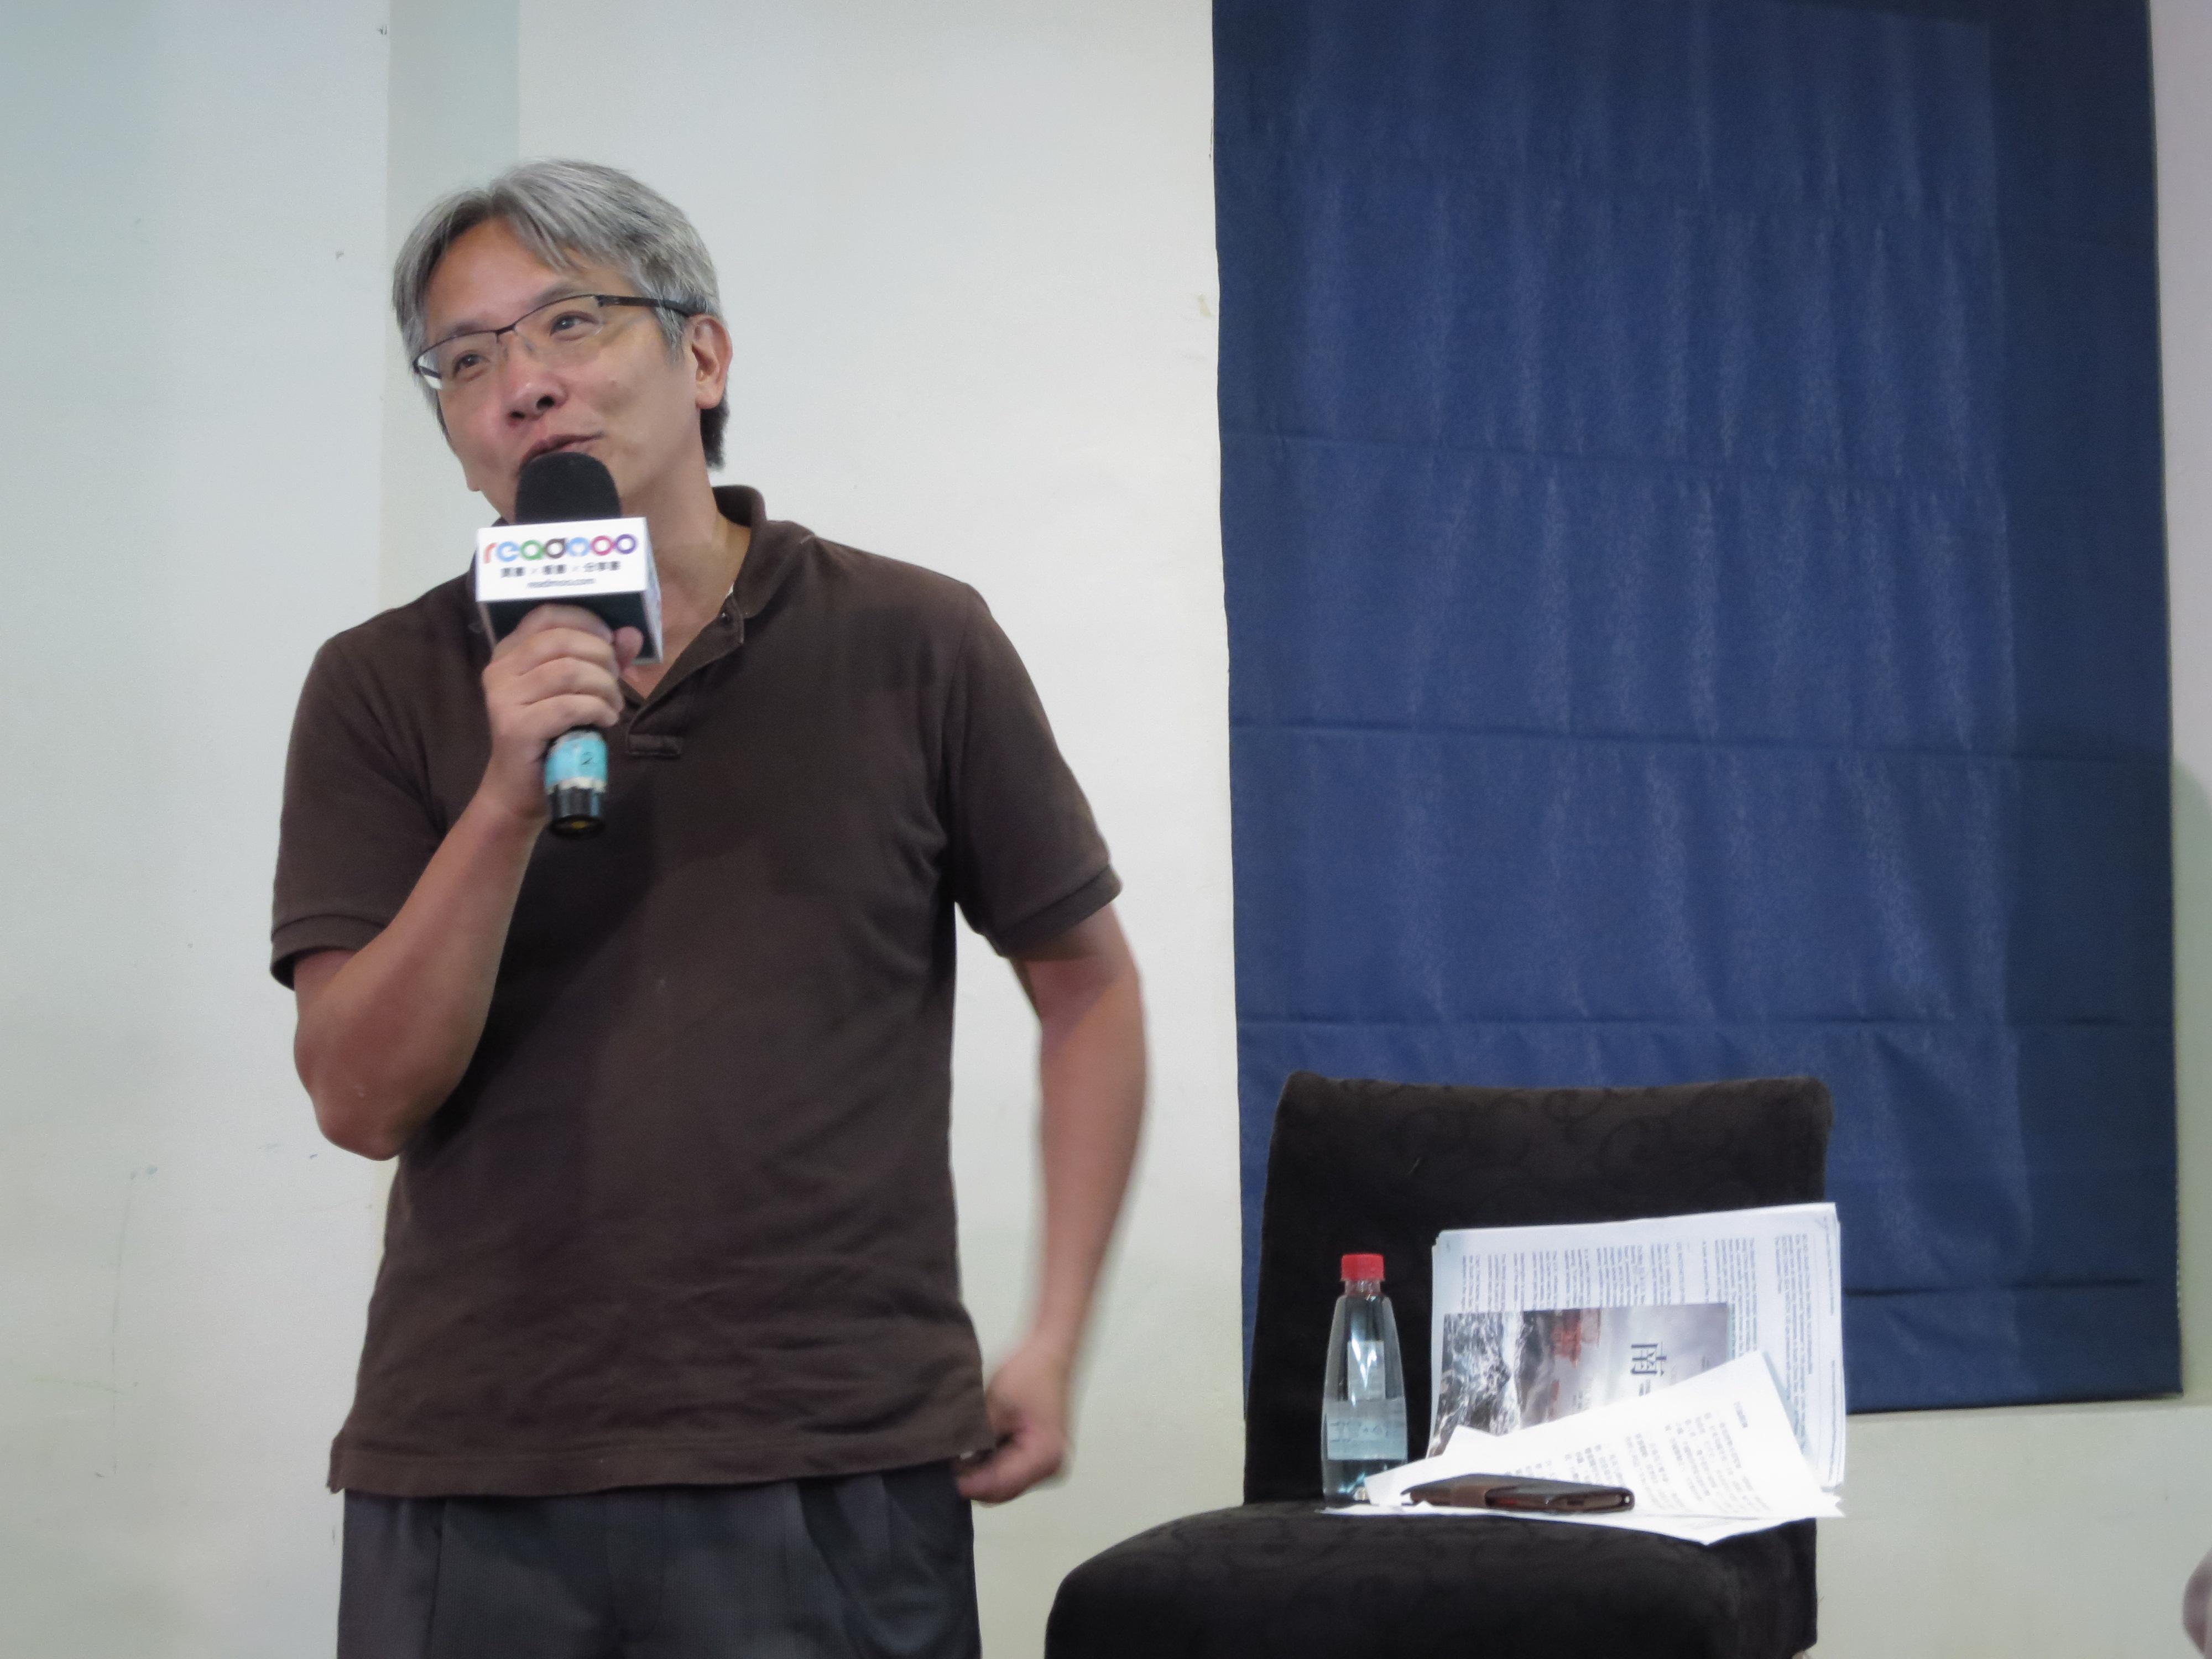 國際新聞資深媒體人、風傳媒副總編輯閻紀宇